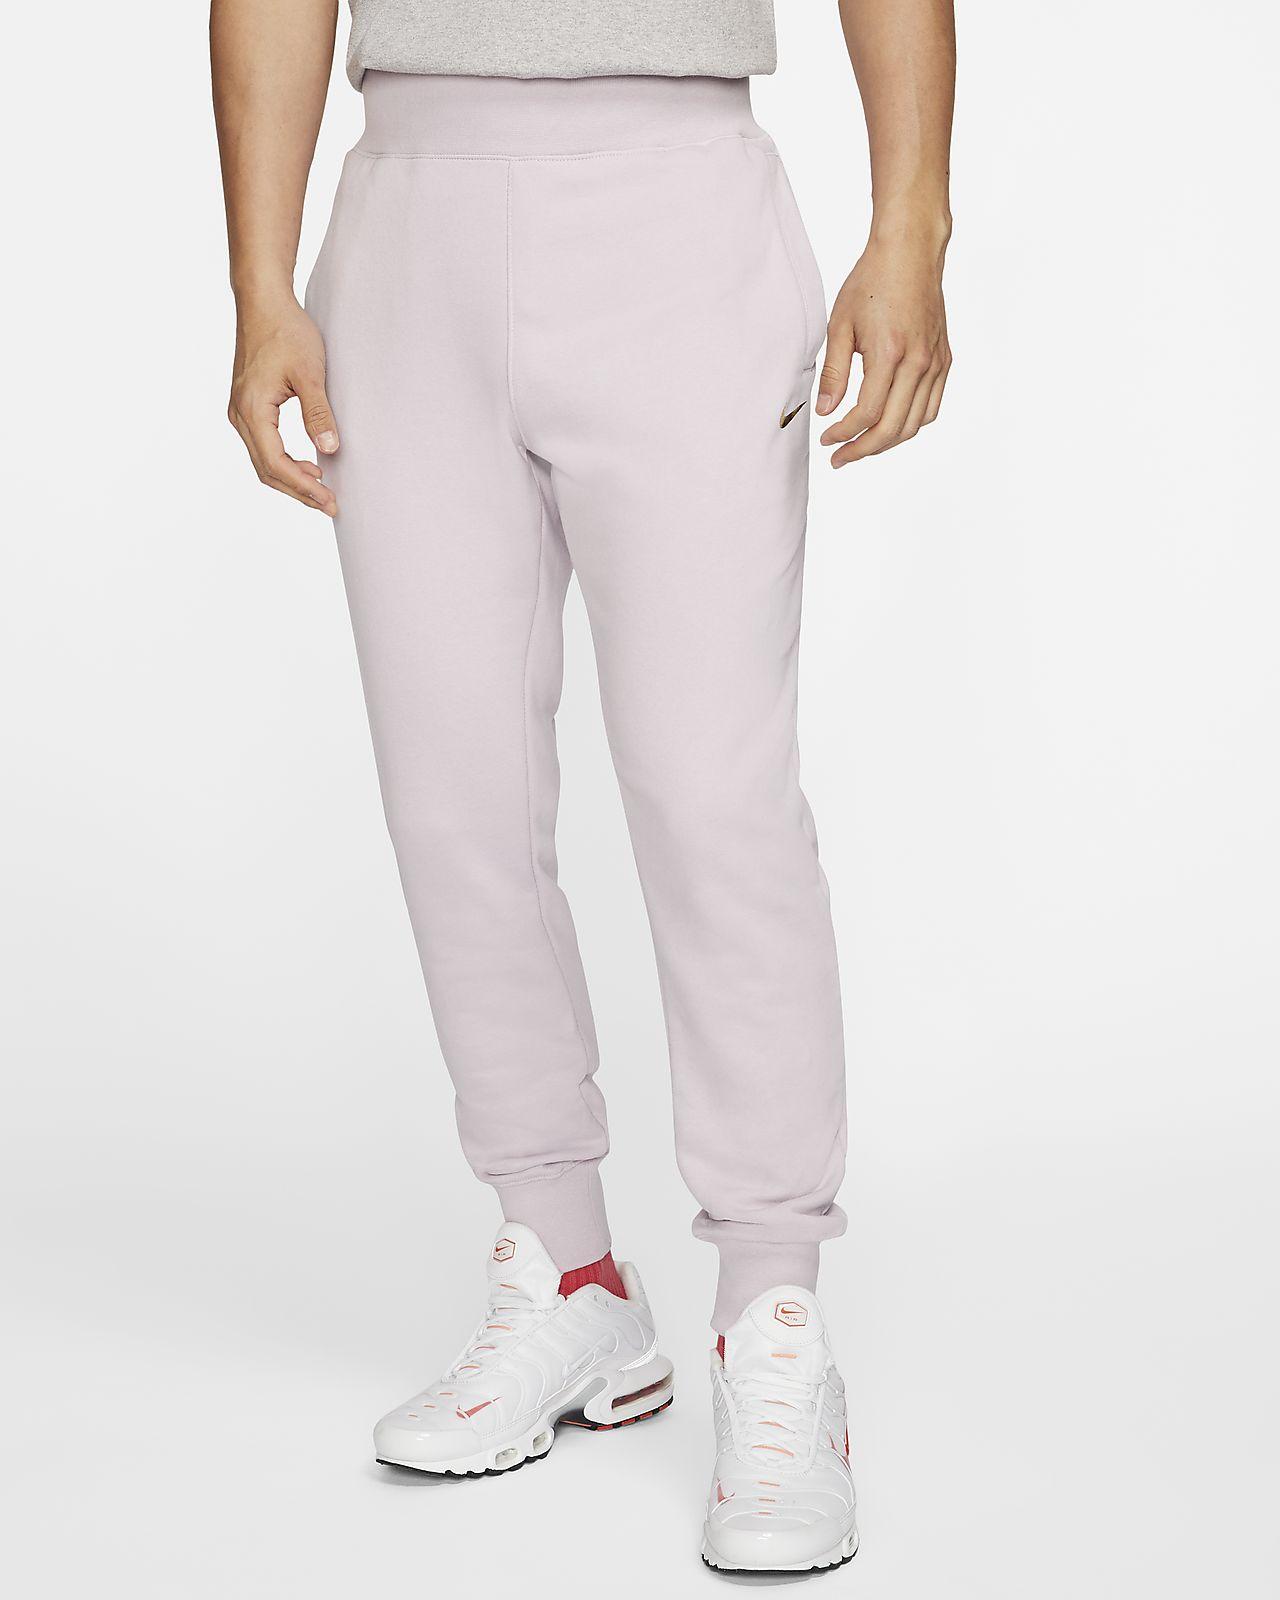 Pantaloni jogger con Swoosh Nike Sportswear Uomo